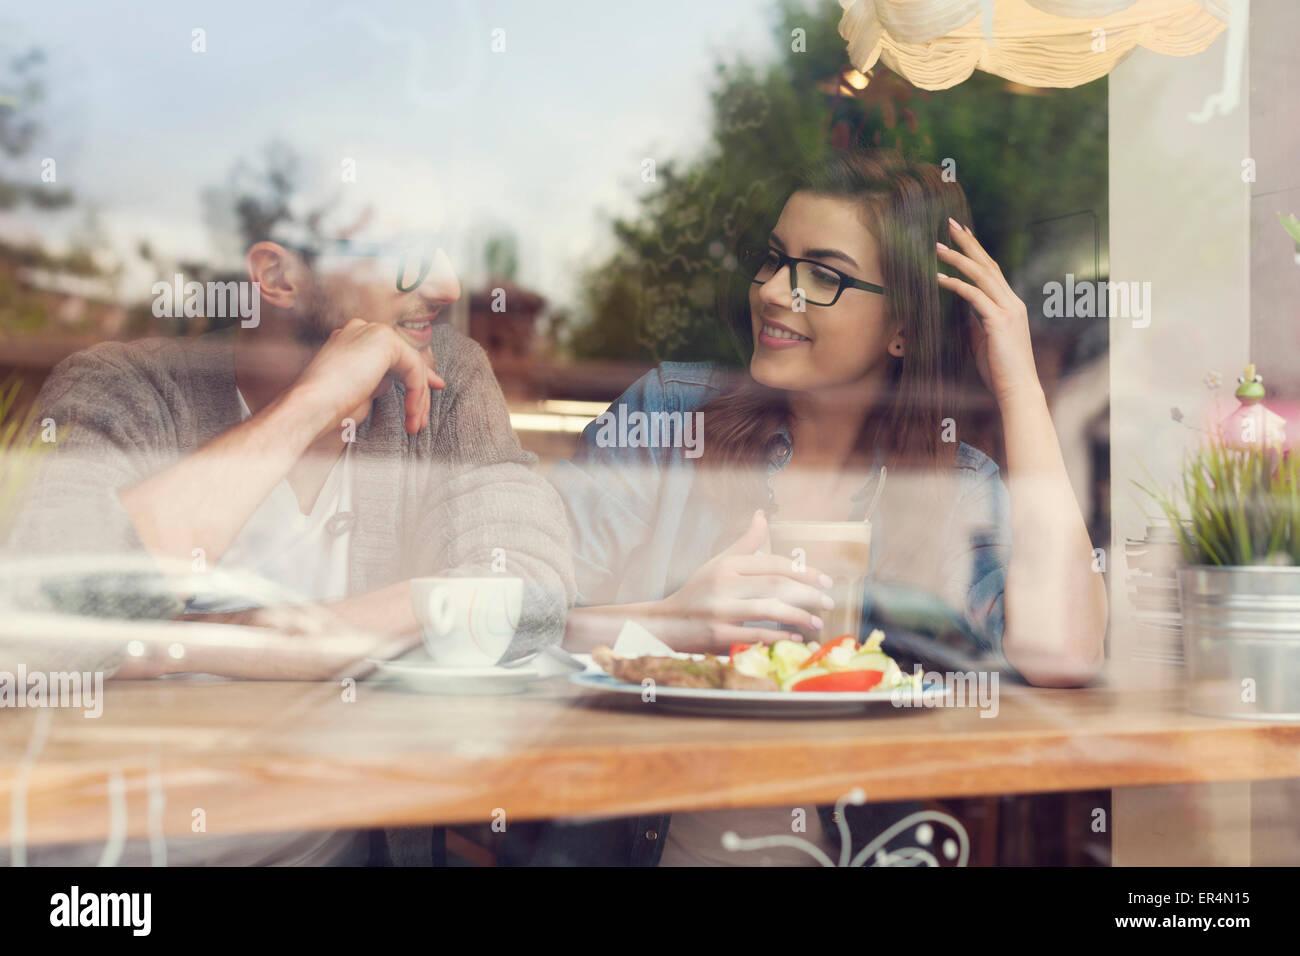 Pareja joven en una fecha en el restaurante. Cracovia, Polonia Imagen De Stock